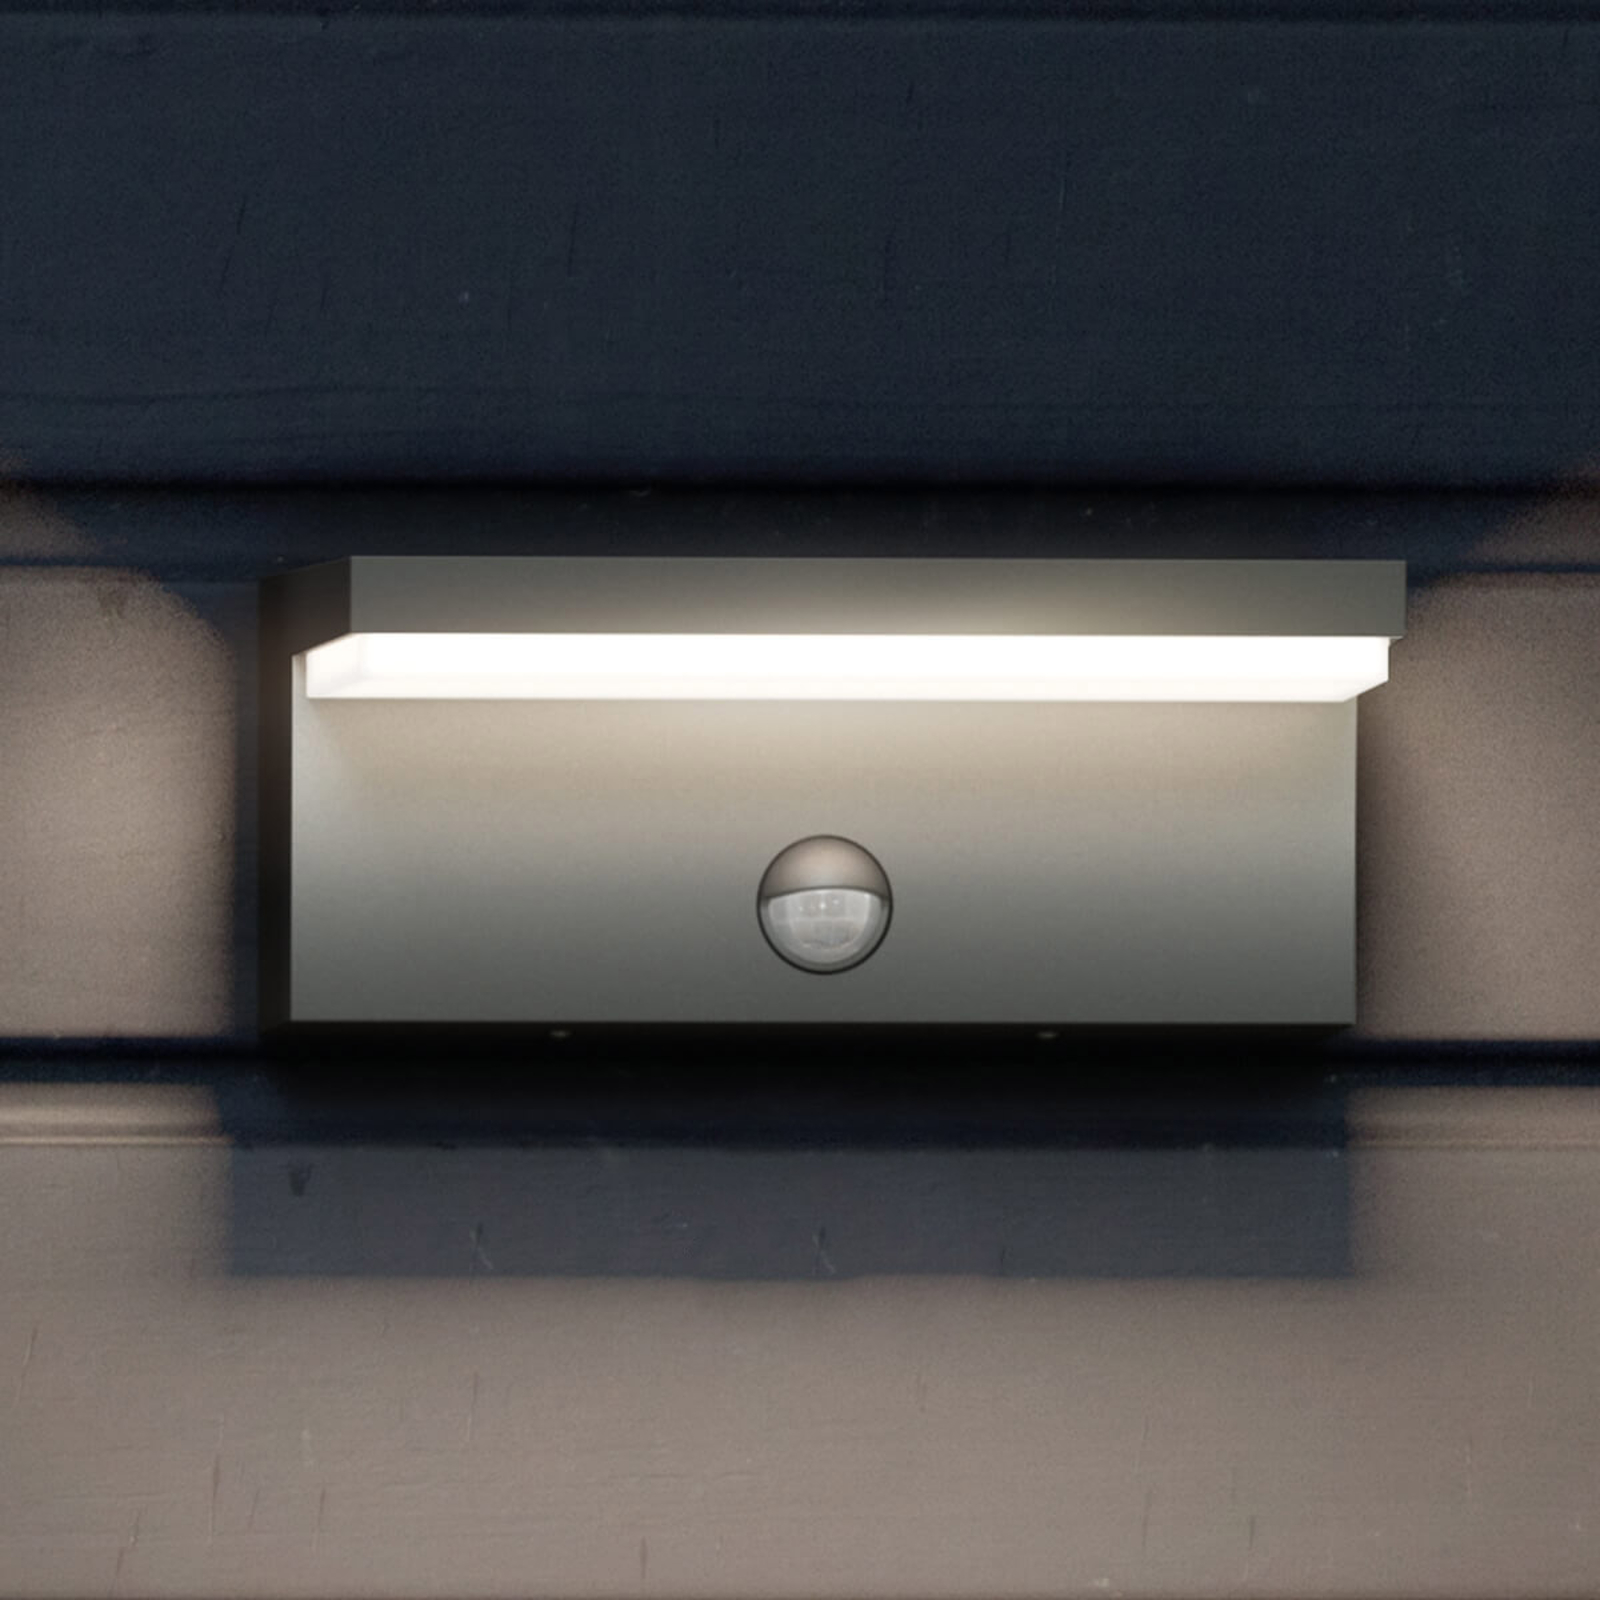 Philips Bustan IR, LED-ulkoseinävalaisin tunnistin